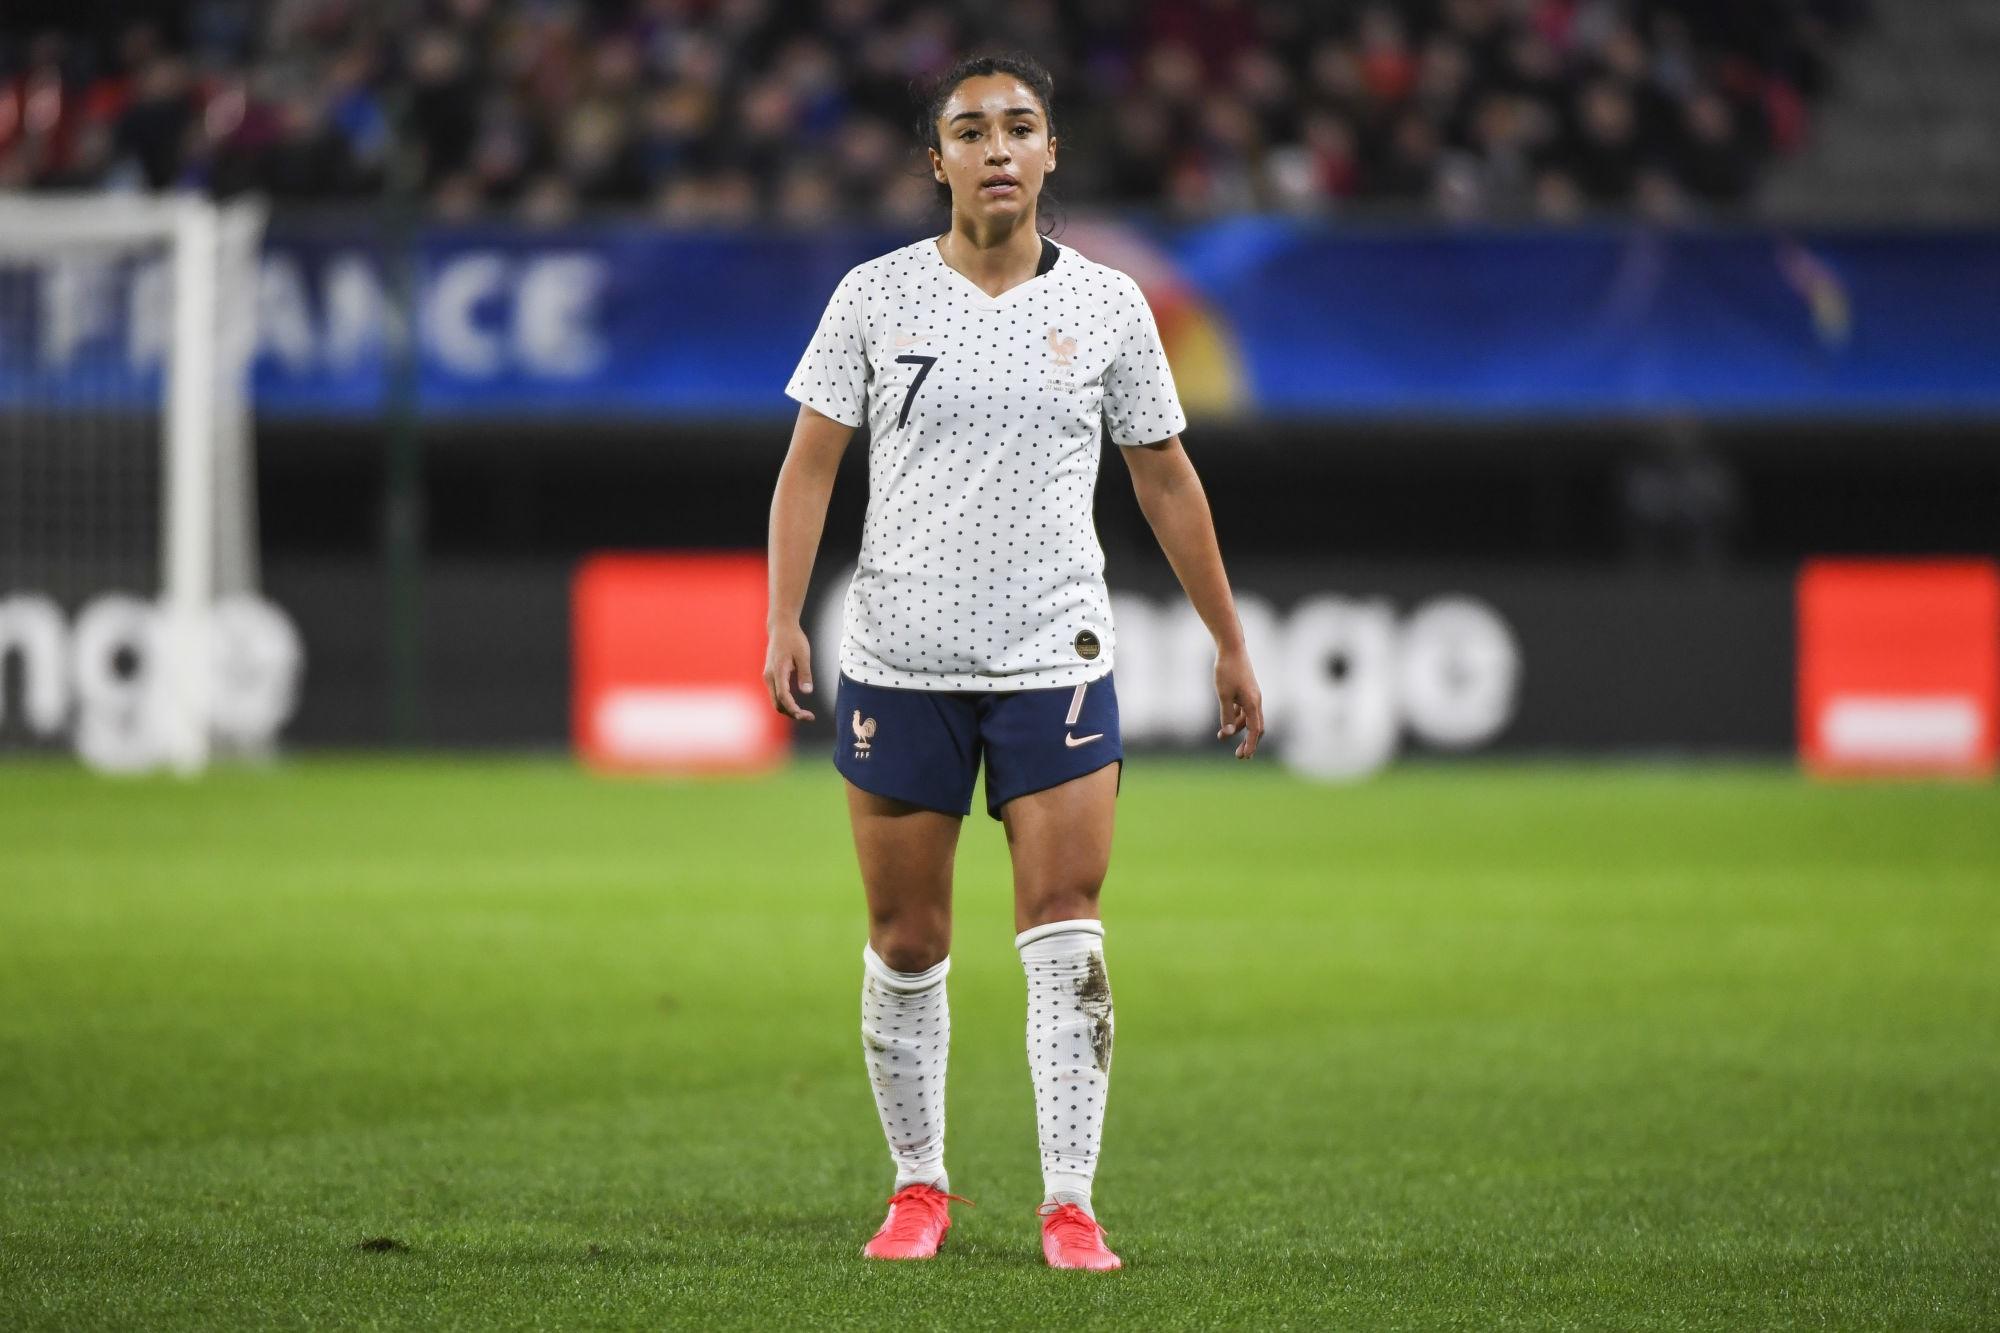 Mercato - Sakina Karchaoui est très proche du PSG, annonce RMC Sport